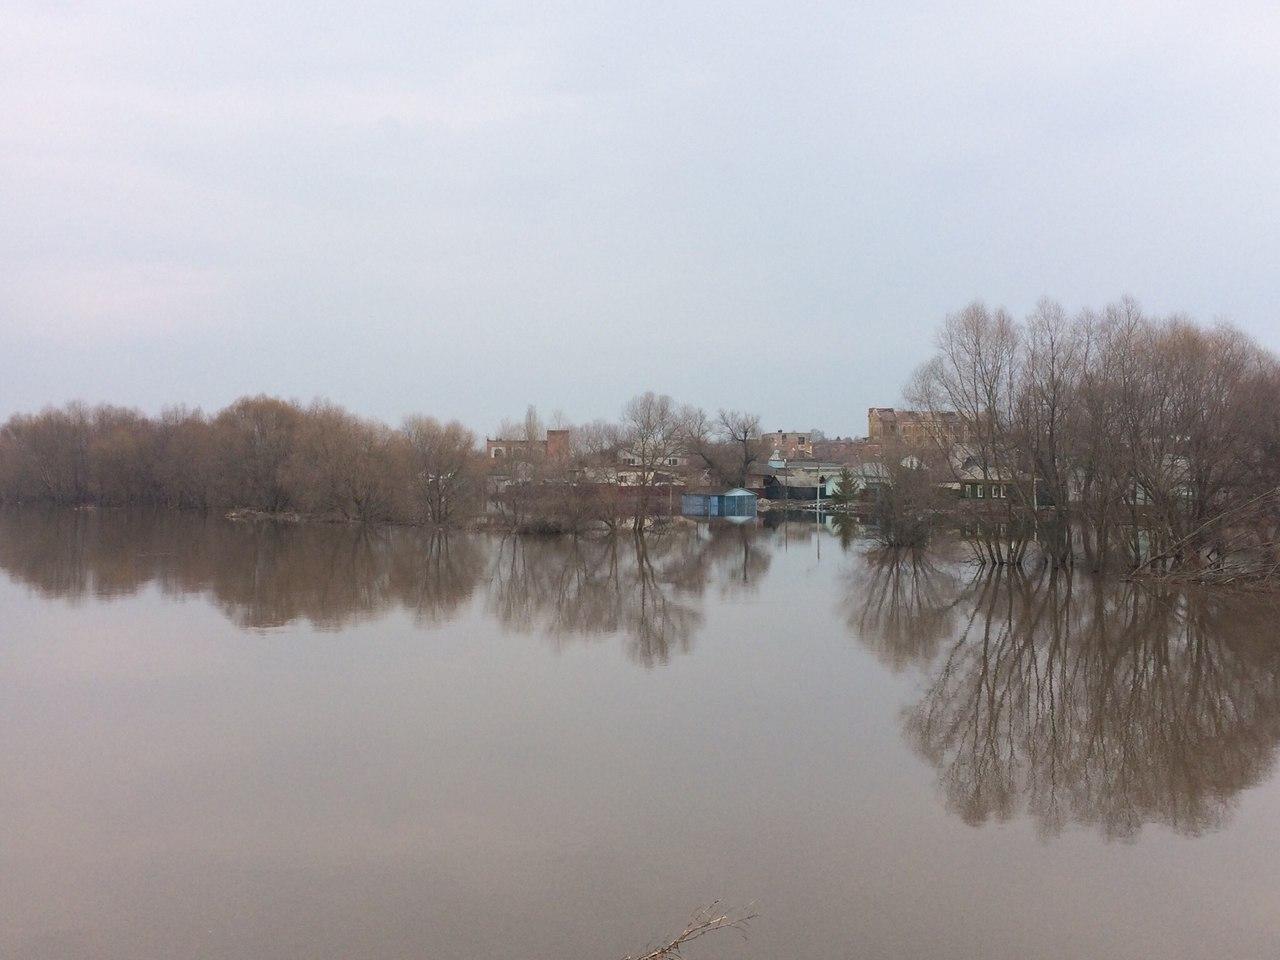 ВБалашове из-за паводка введен режимЧС